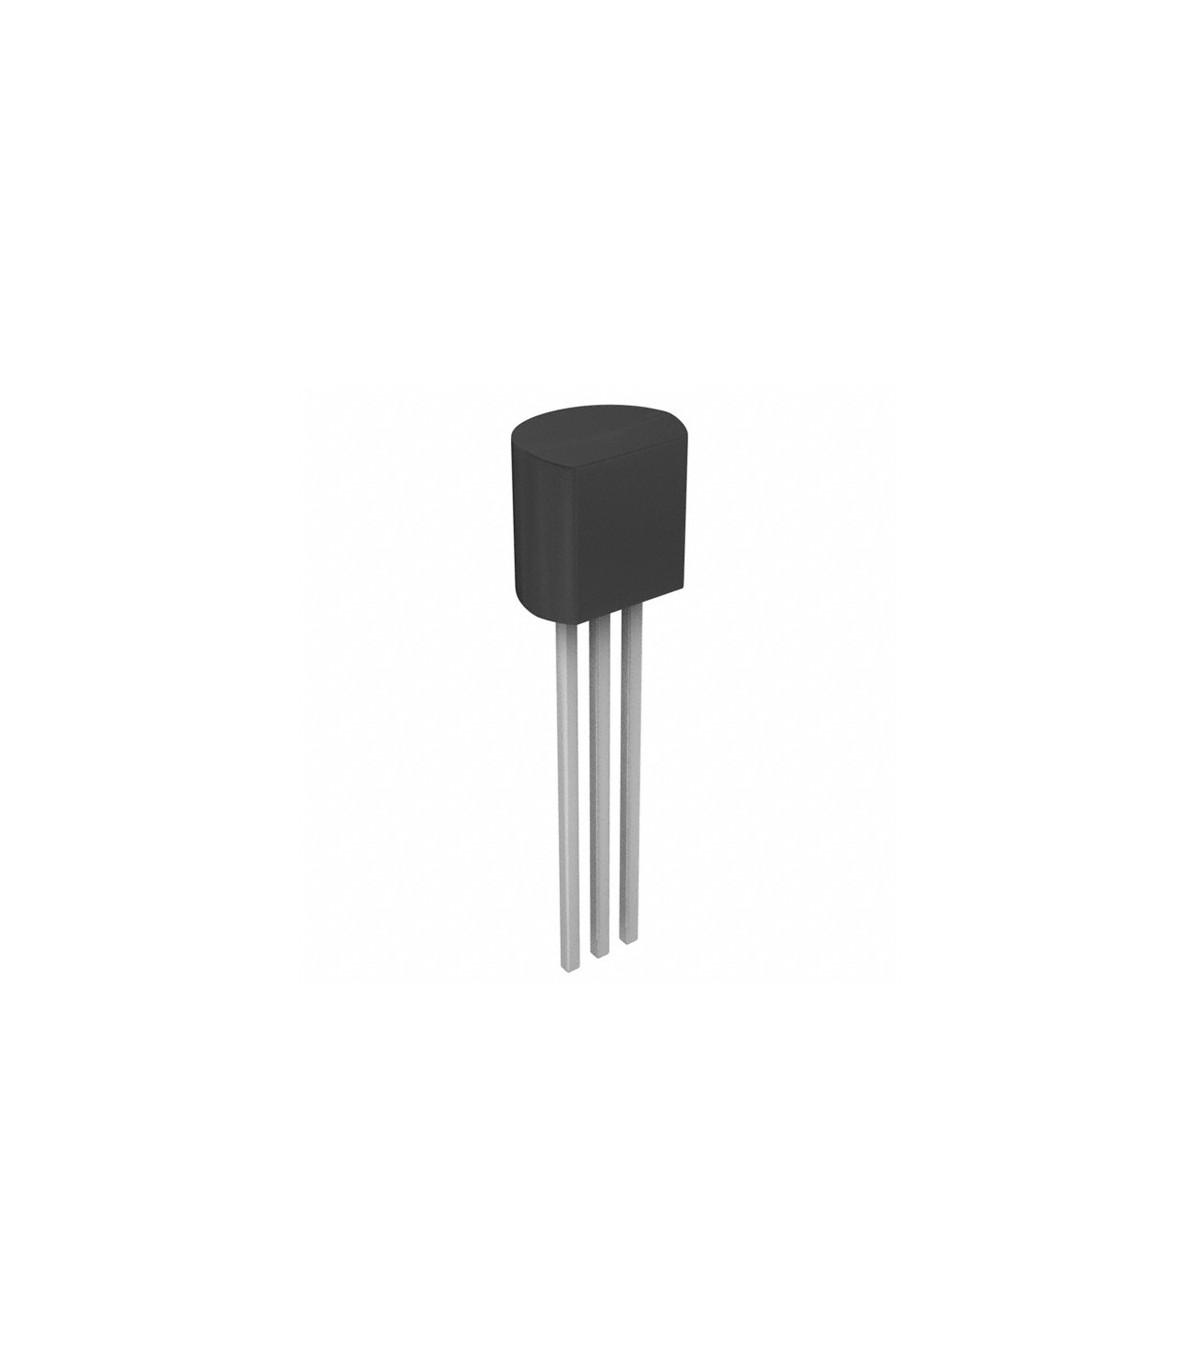 Triac Bilateral Switch 200 Ma To 92 5 300 Mw Electronica Triacswitchbb